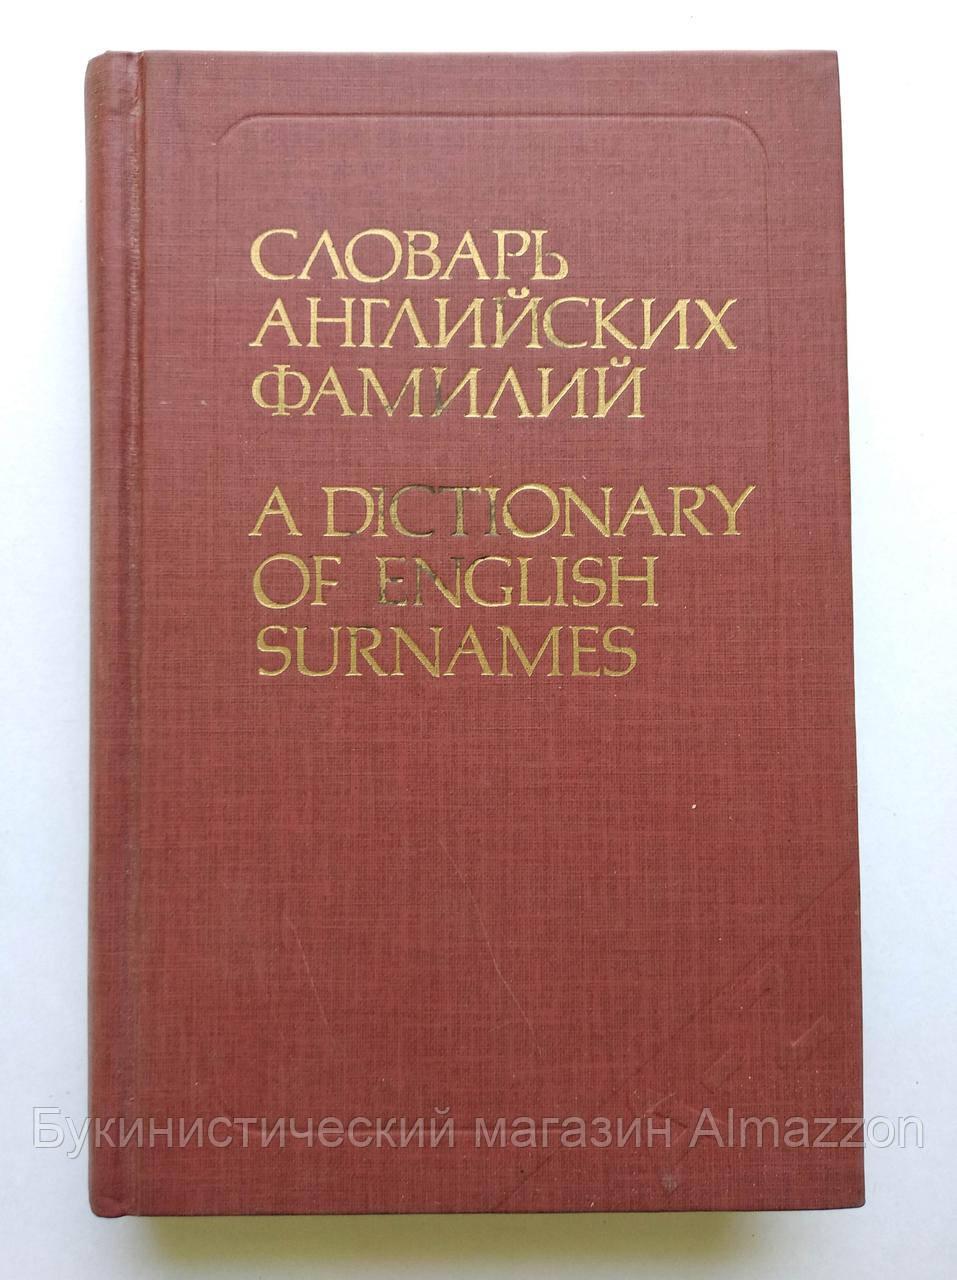 Словарь английских фамилий. А.Рыбакин. Около 22700 фамилий